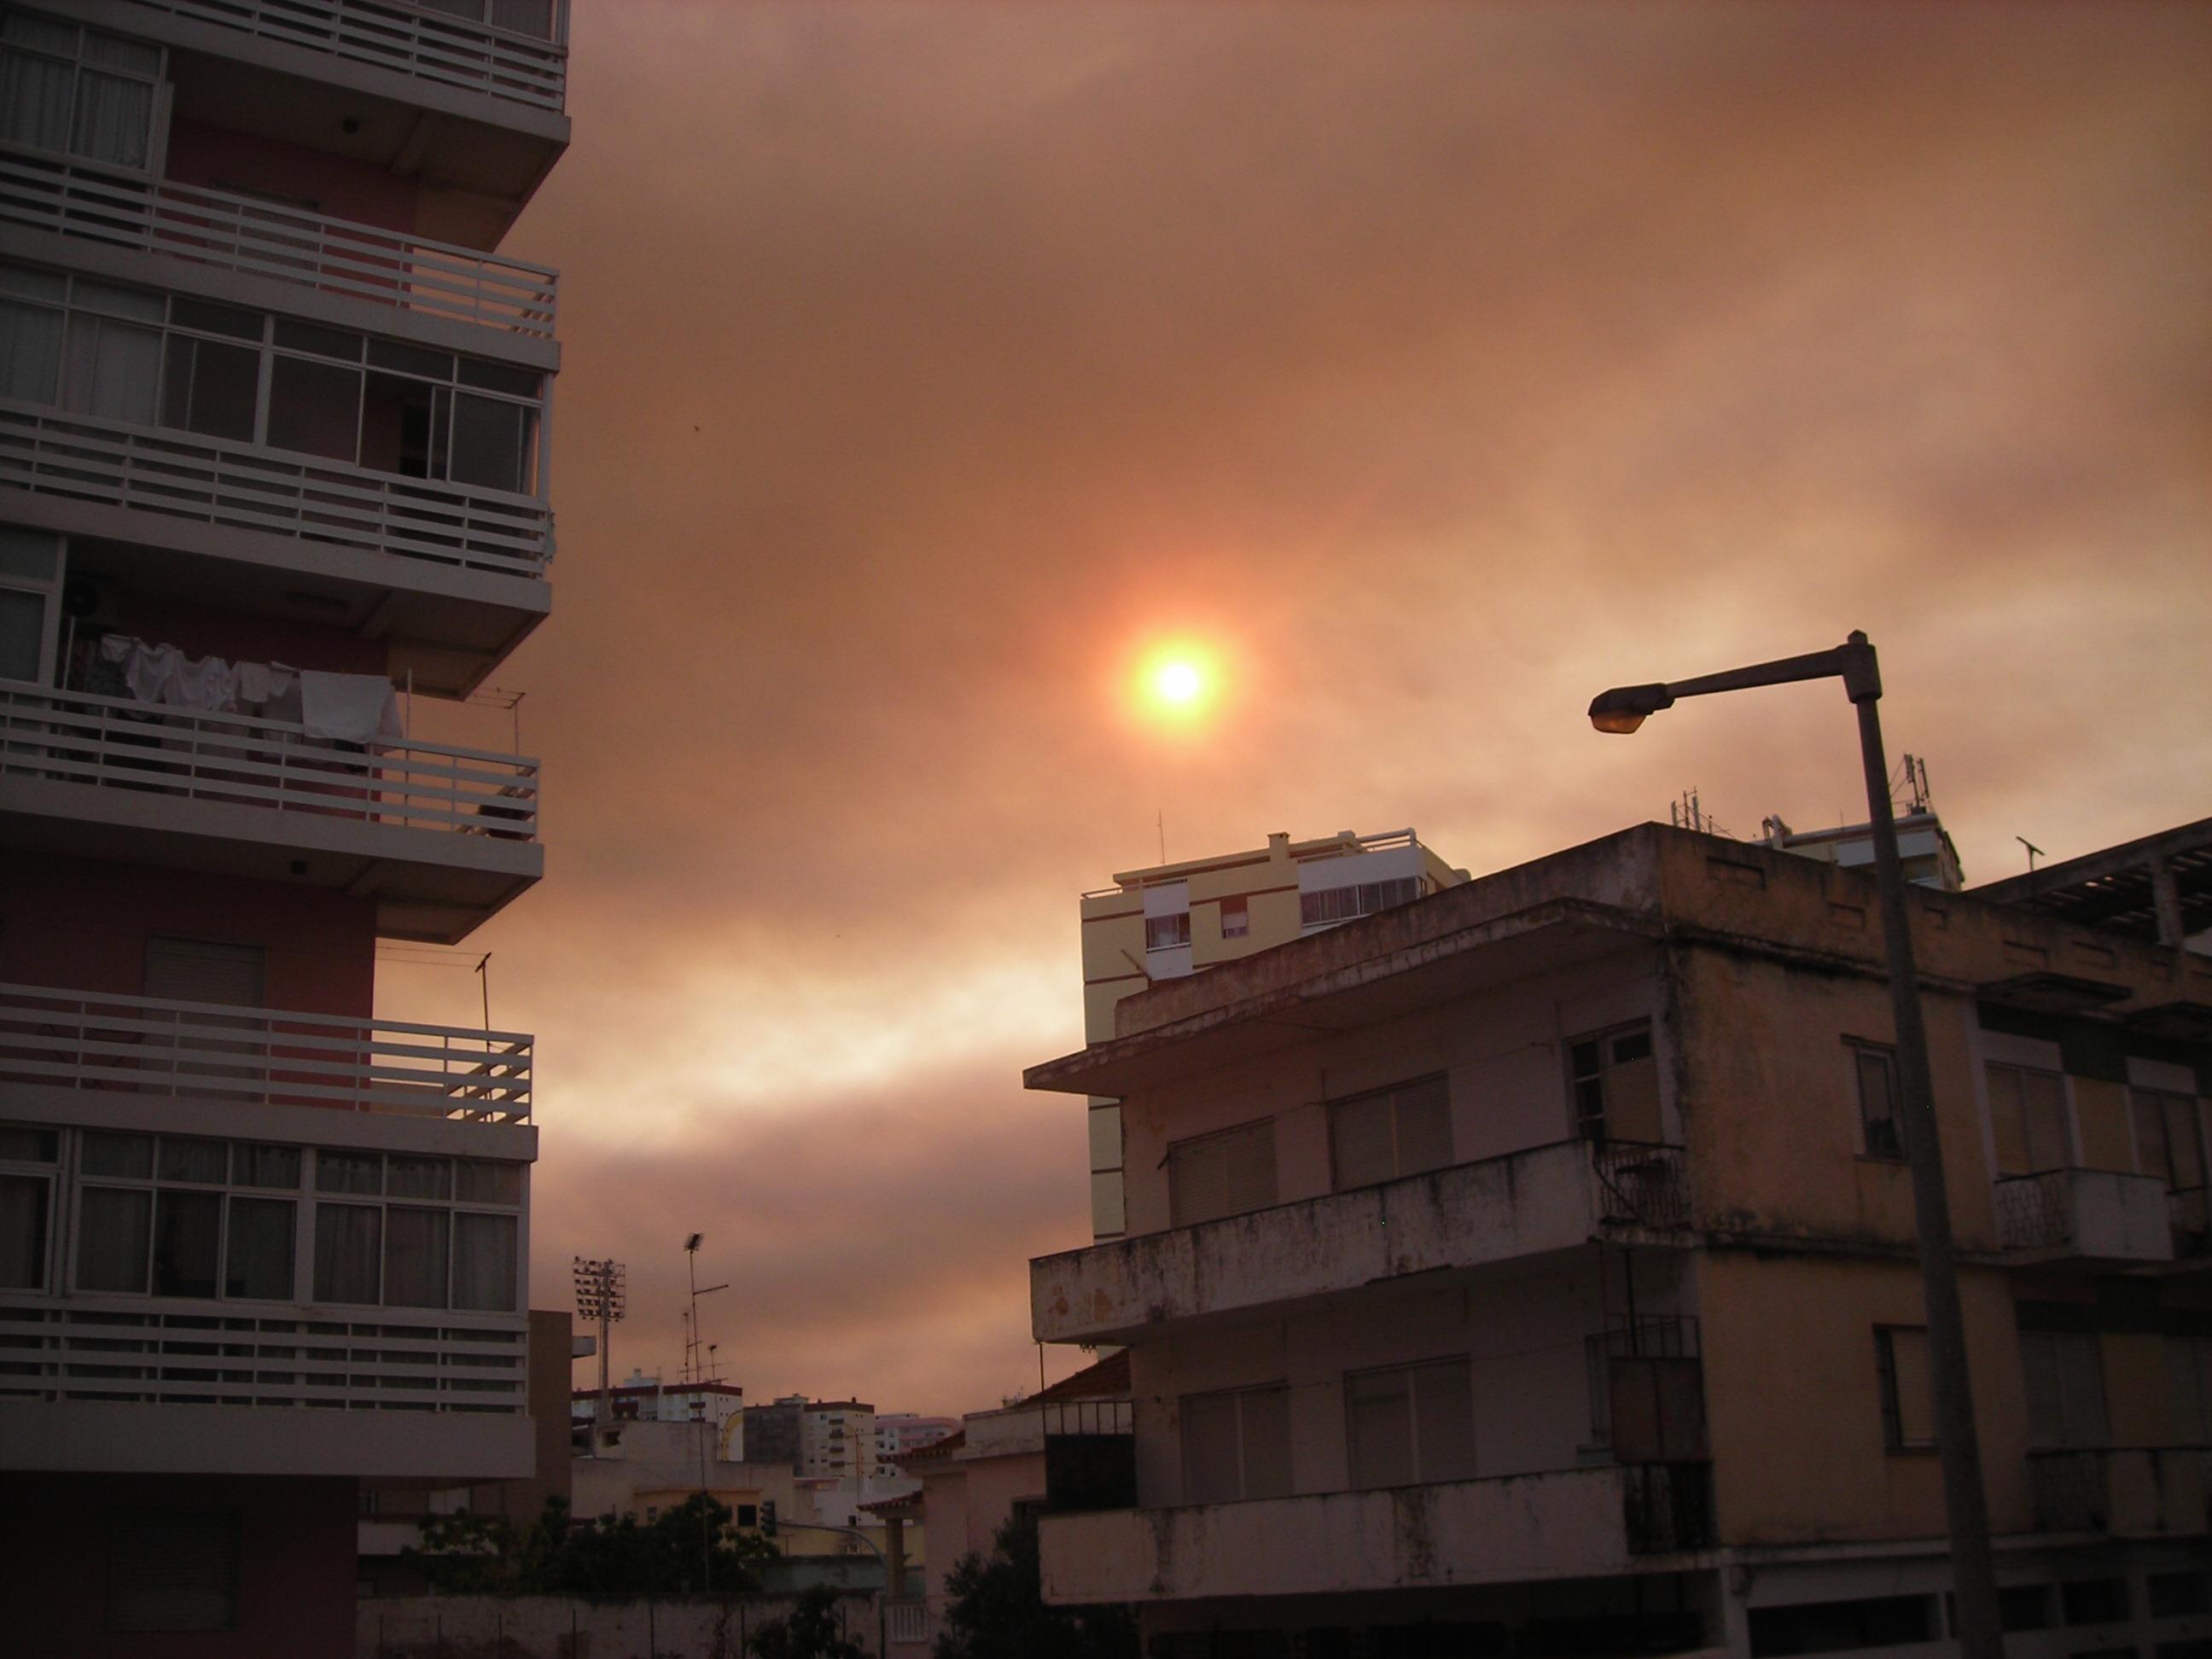 Fotos fumo de incêndio de Monchique visto em céu em Faro